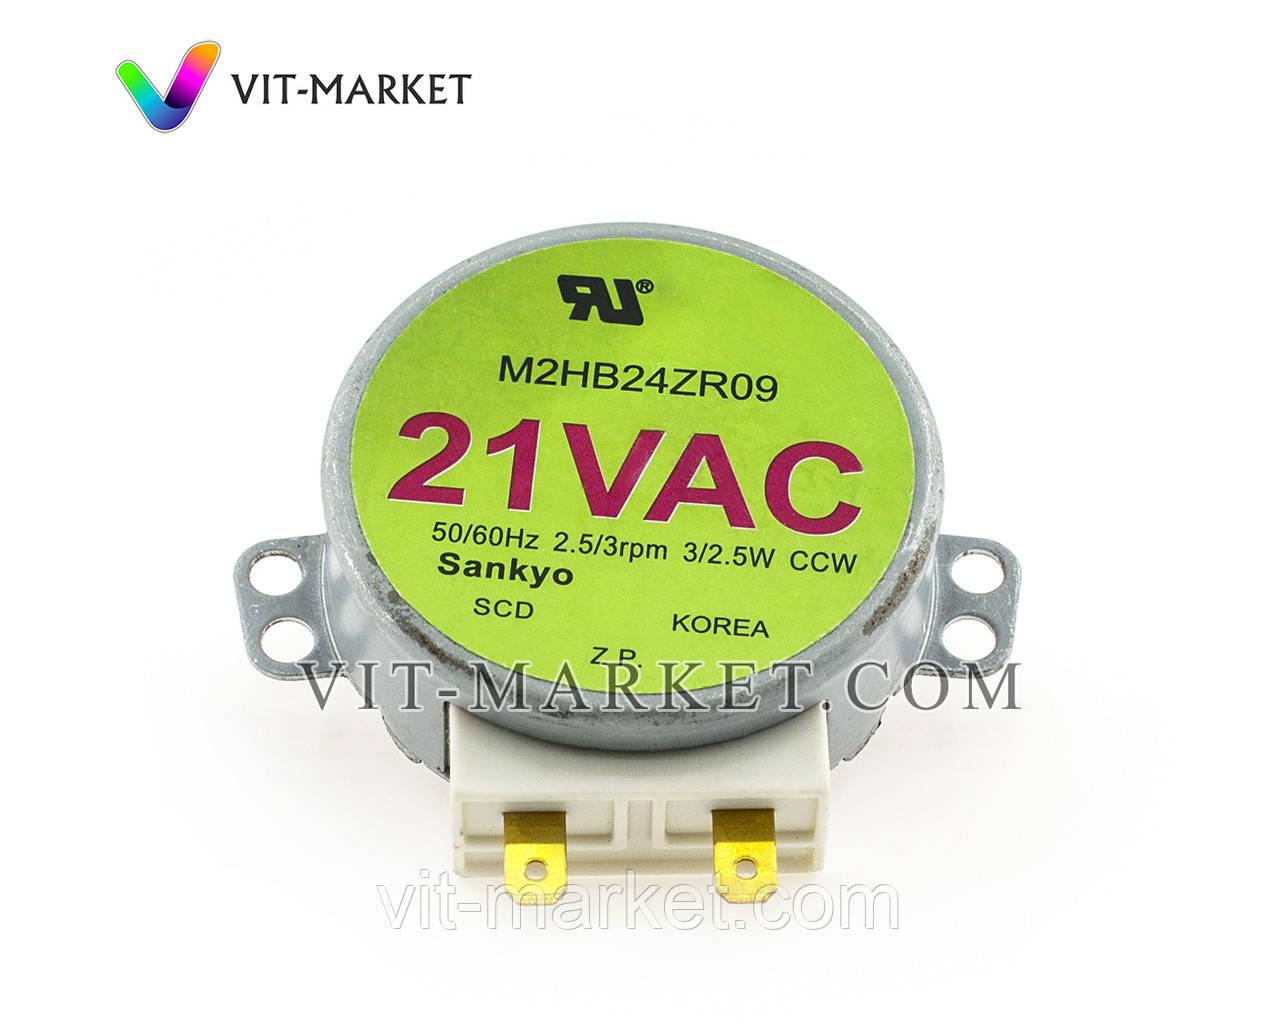 Двигатель универсальный 21 V для микроволновой печи код MT-21